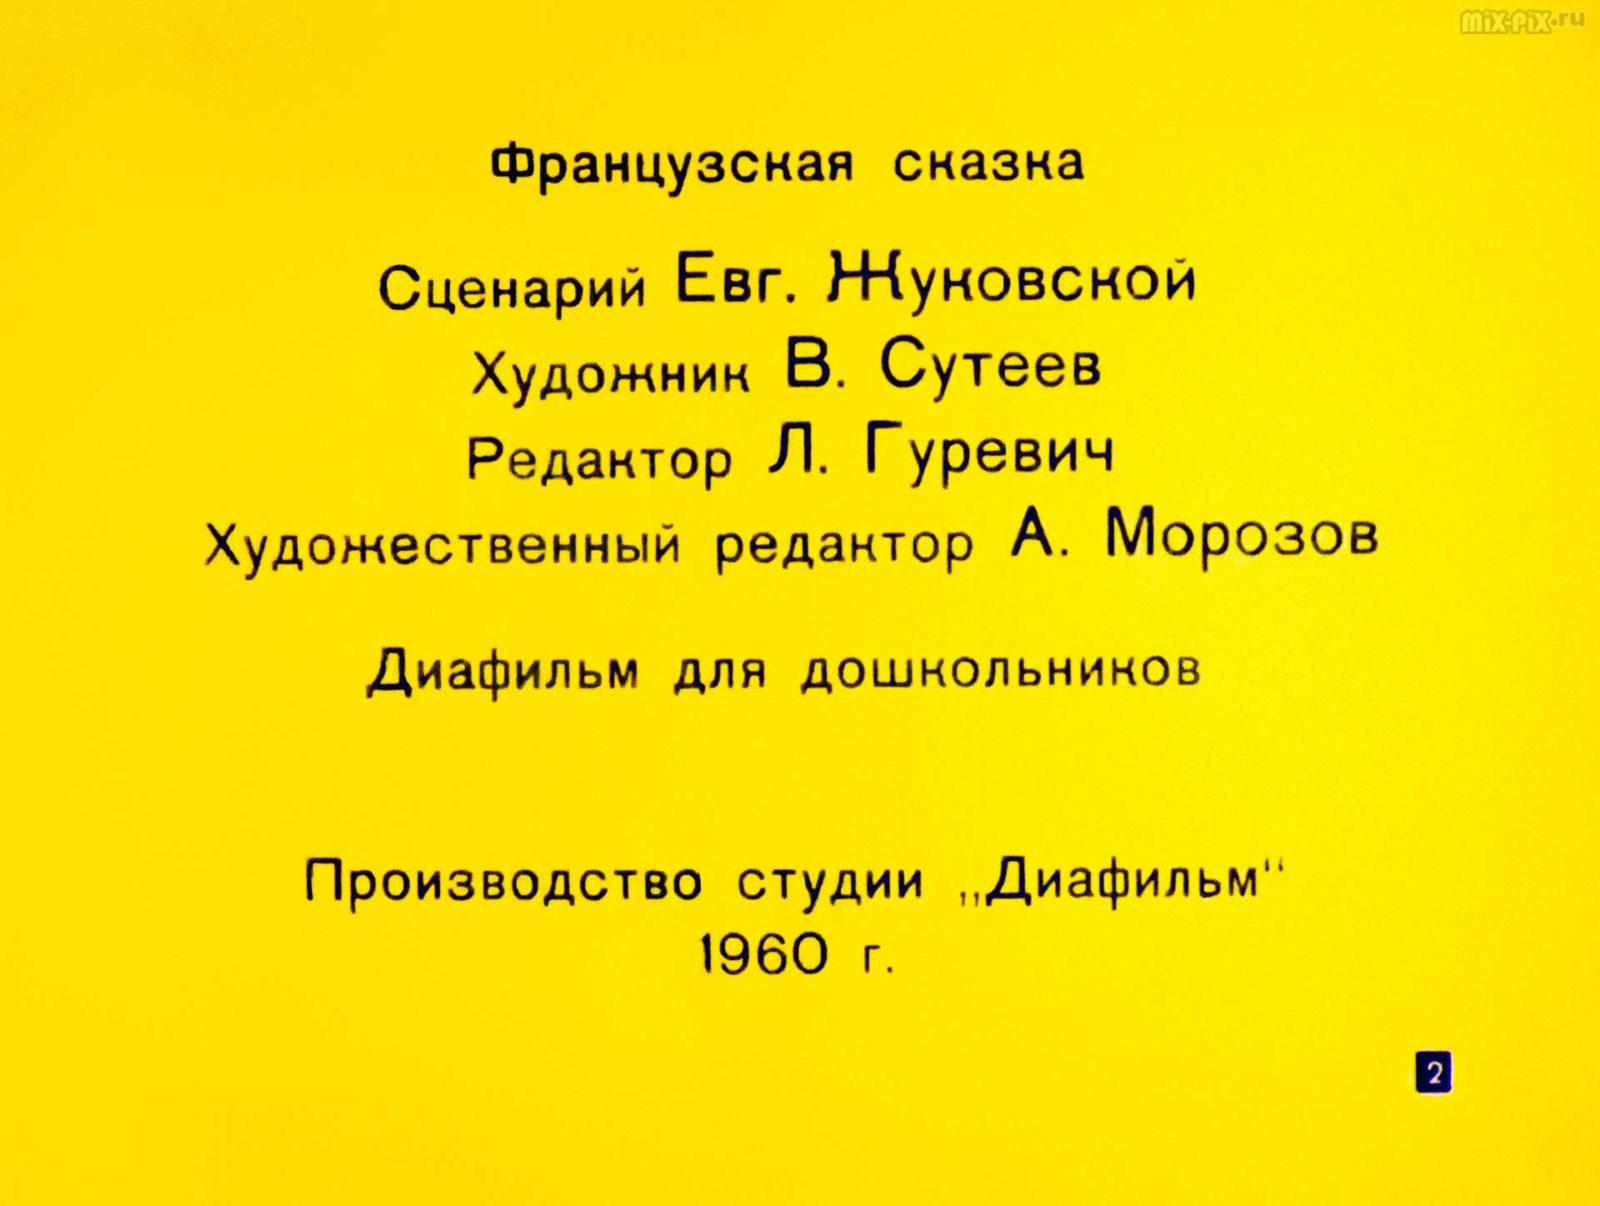 Приключения Пифа (1960) 27